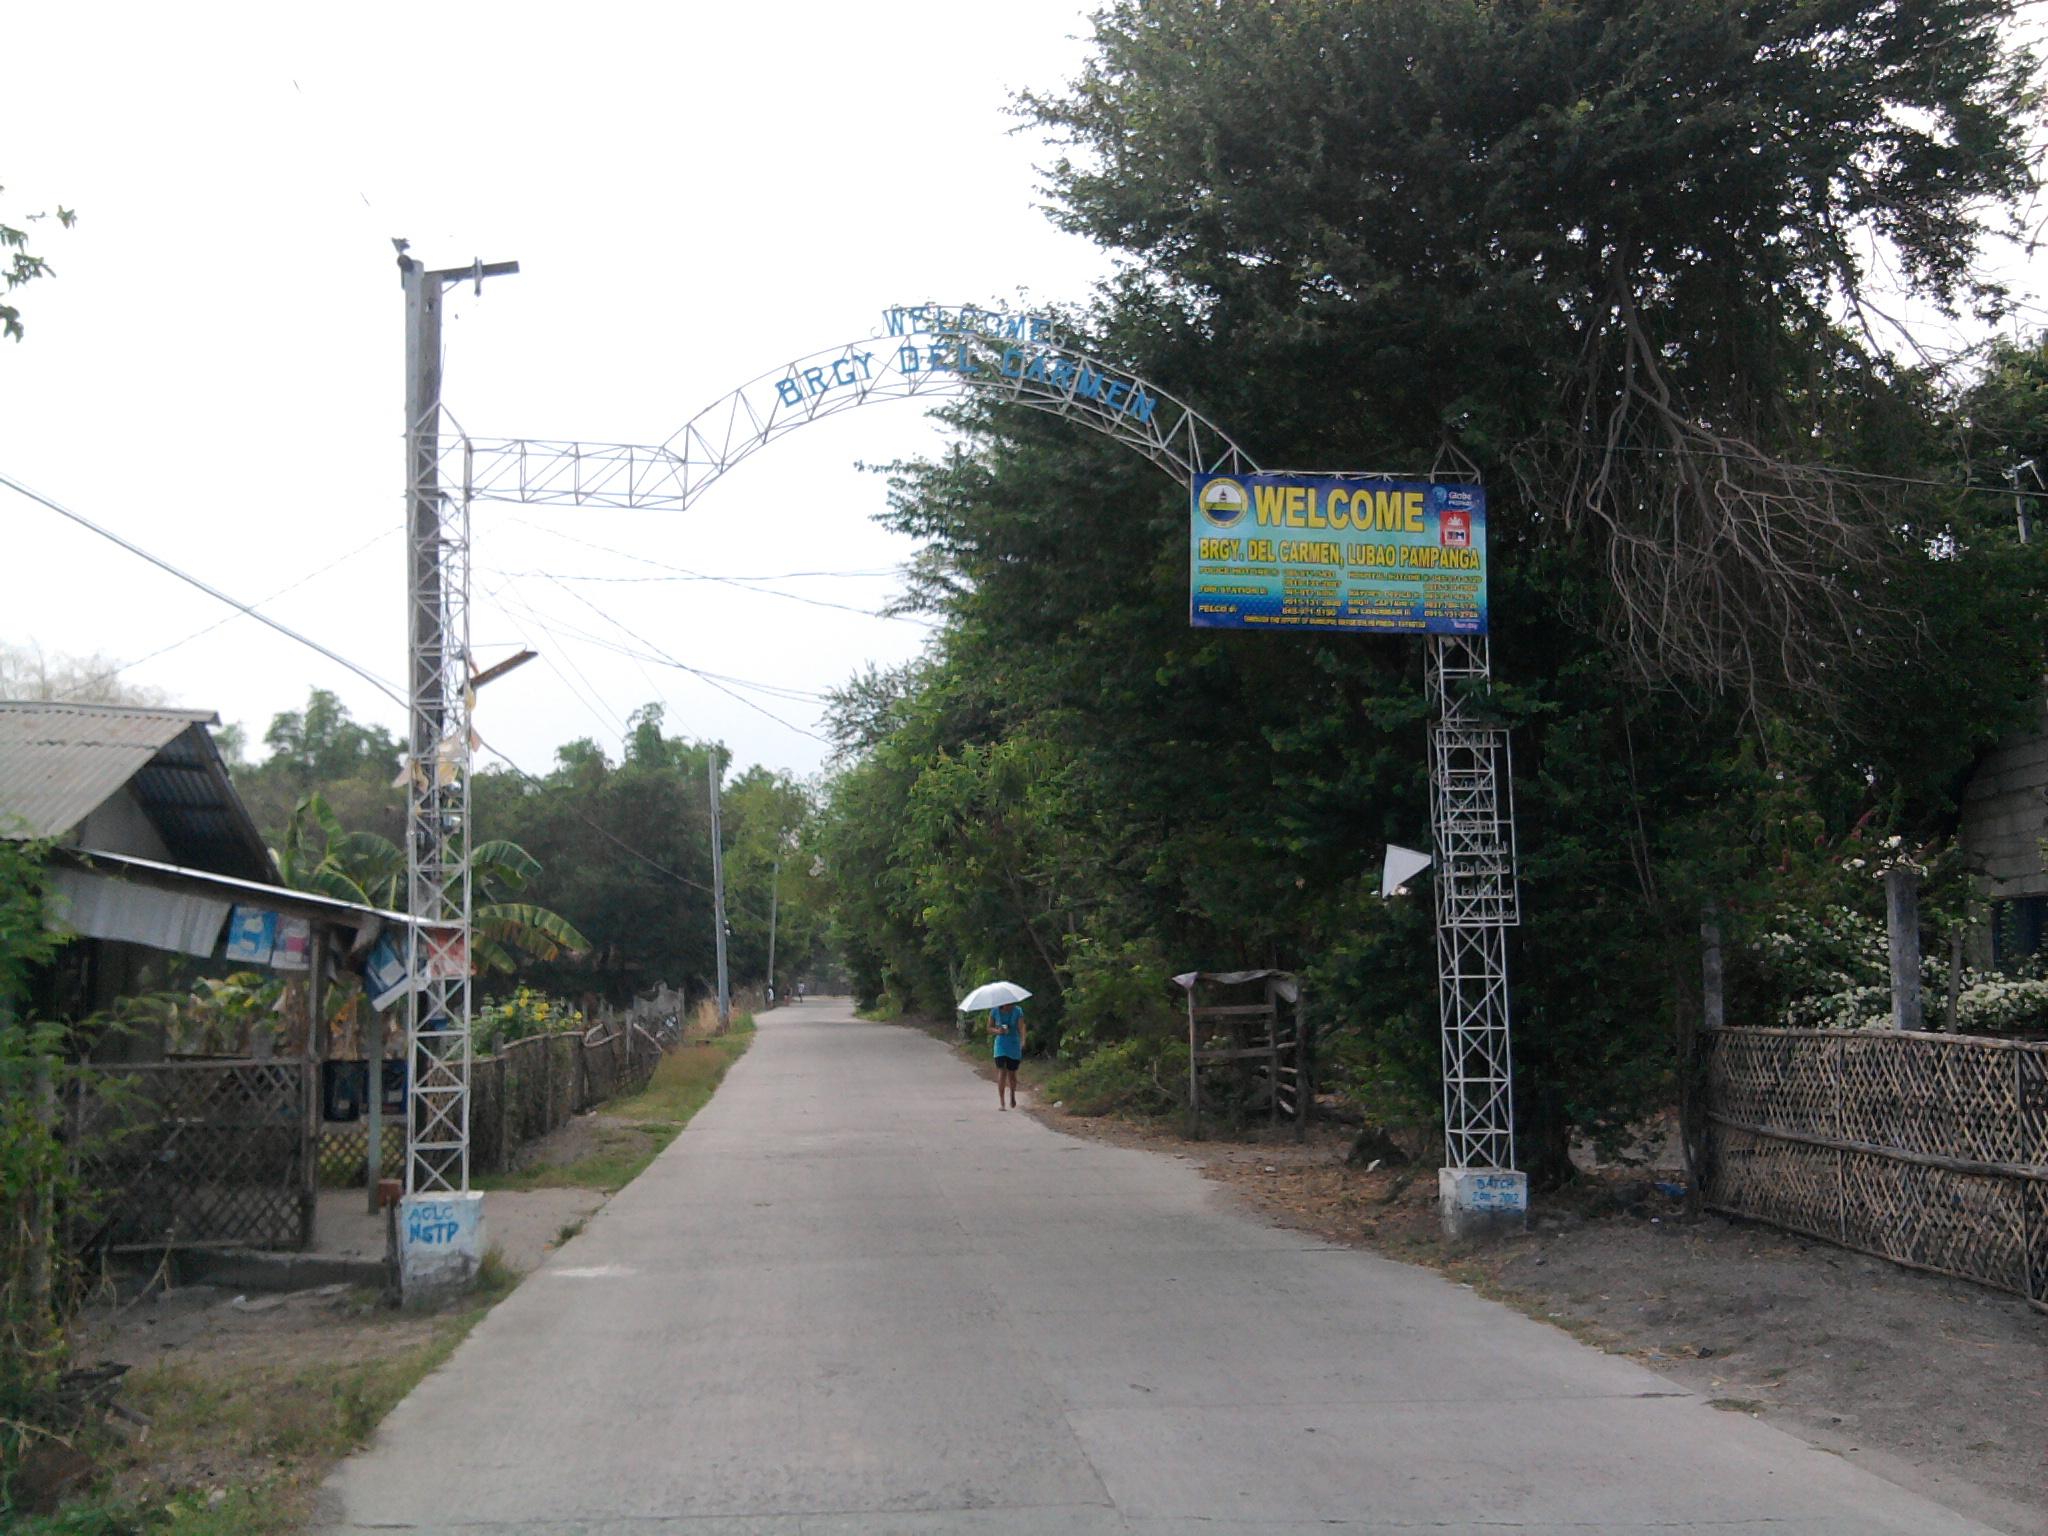 100 Free Online Dating in Pampanga PM